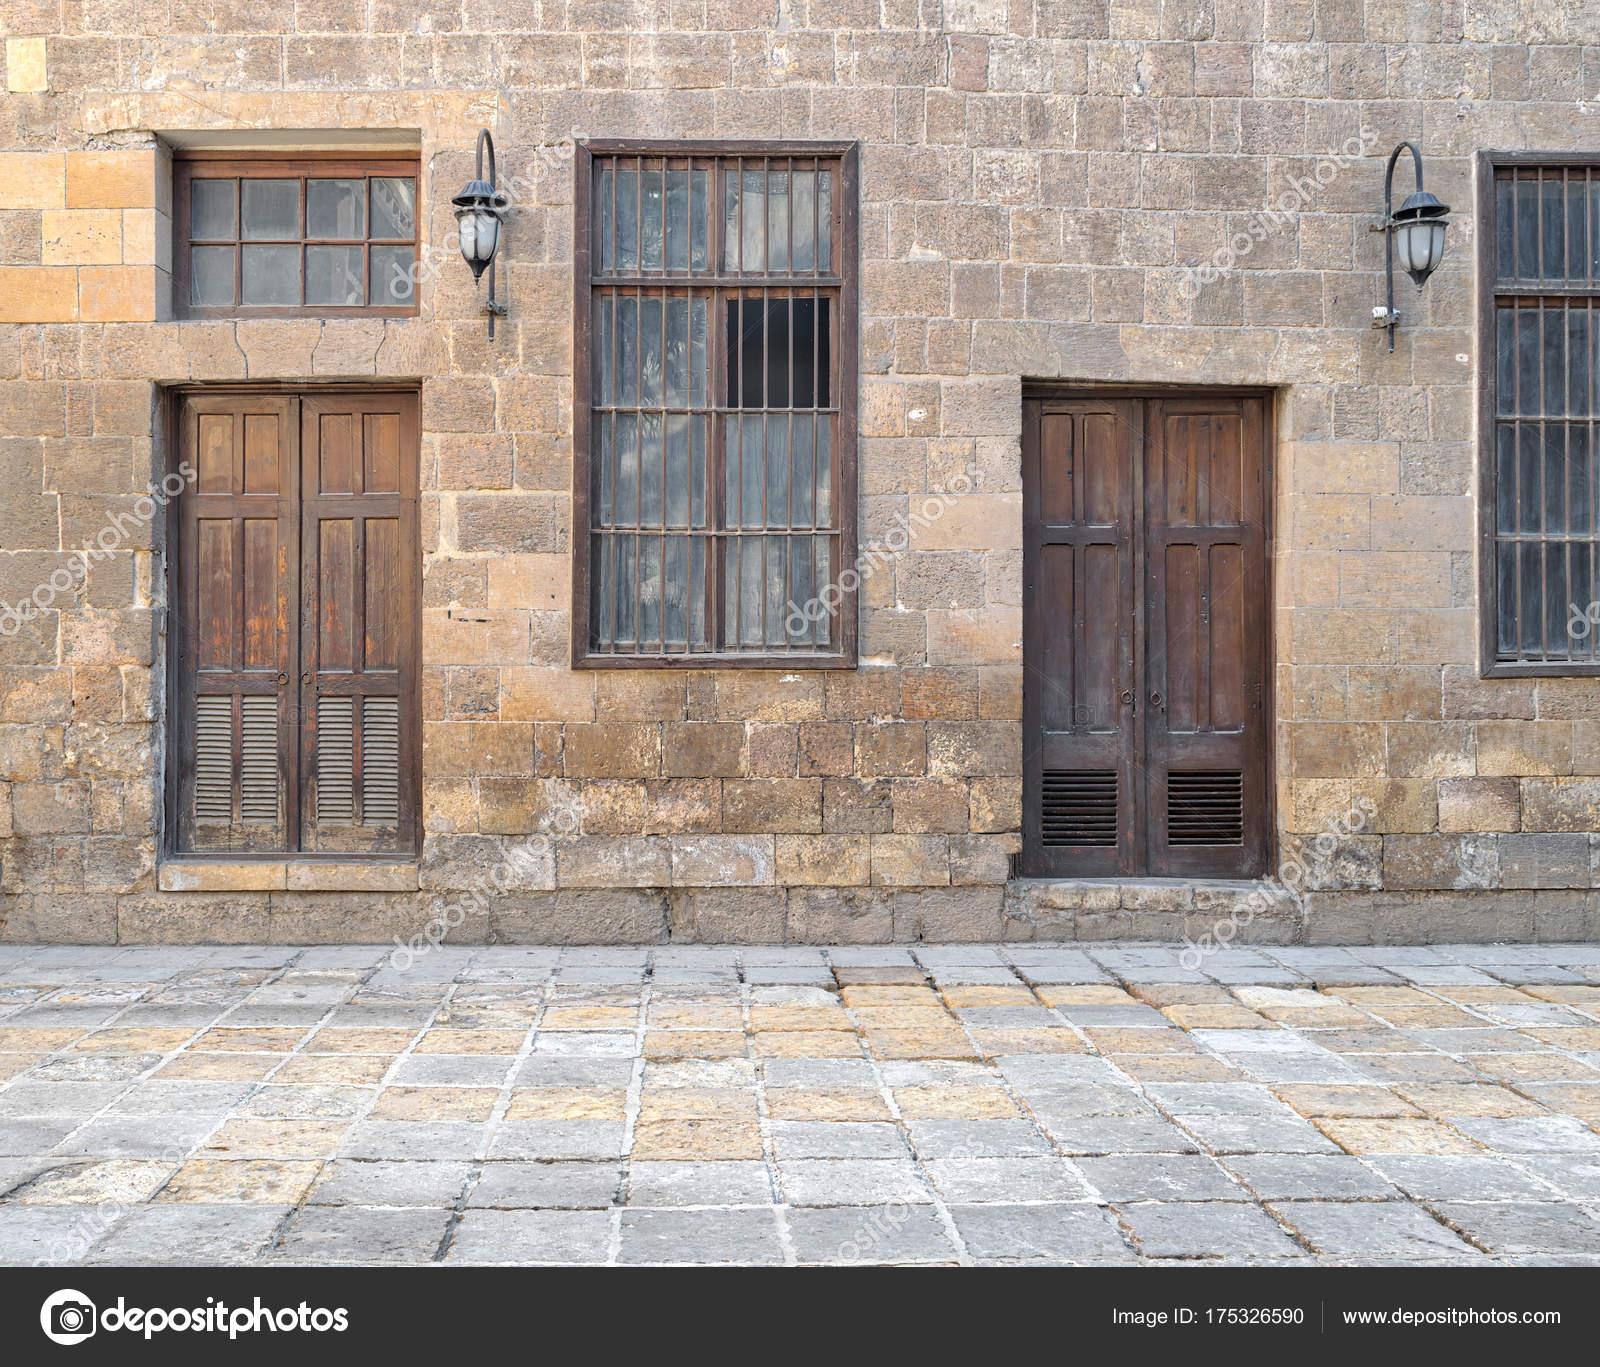 Fachada Abandonada De La Vieja Pared De Ladrillos De Piedra Con Puertas De  Madera, Ventanas